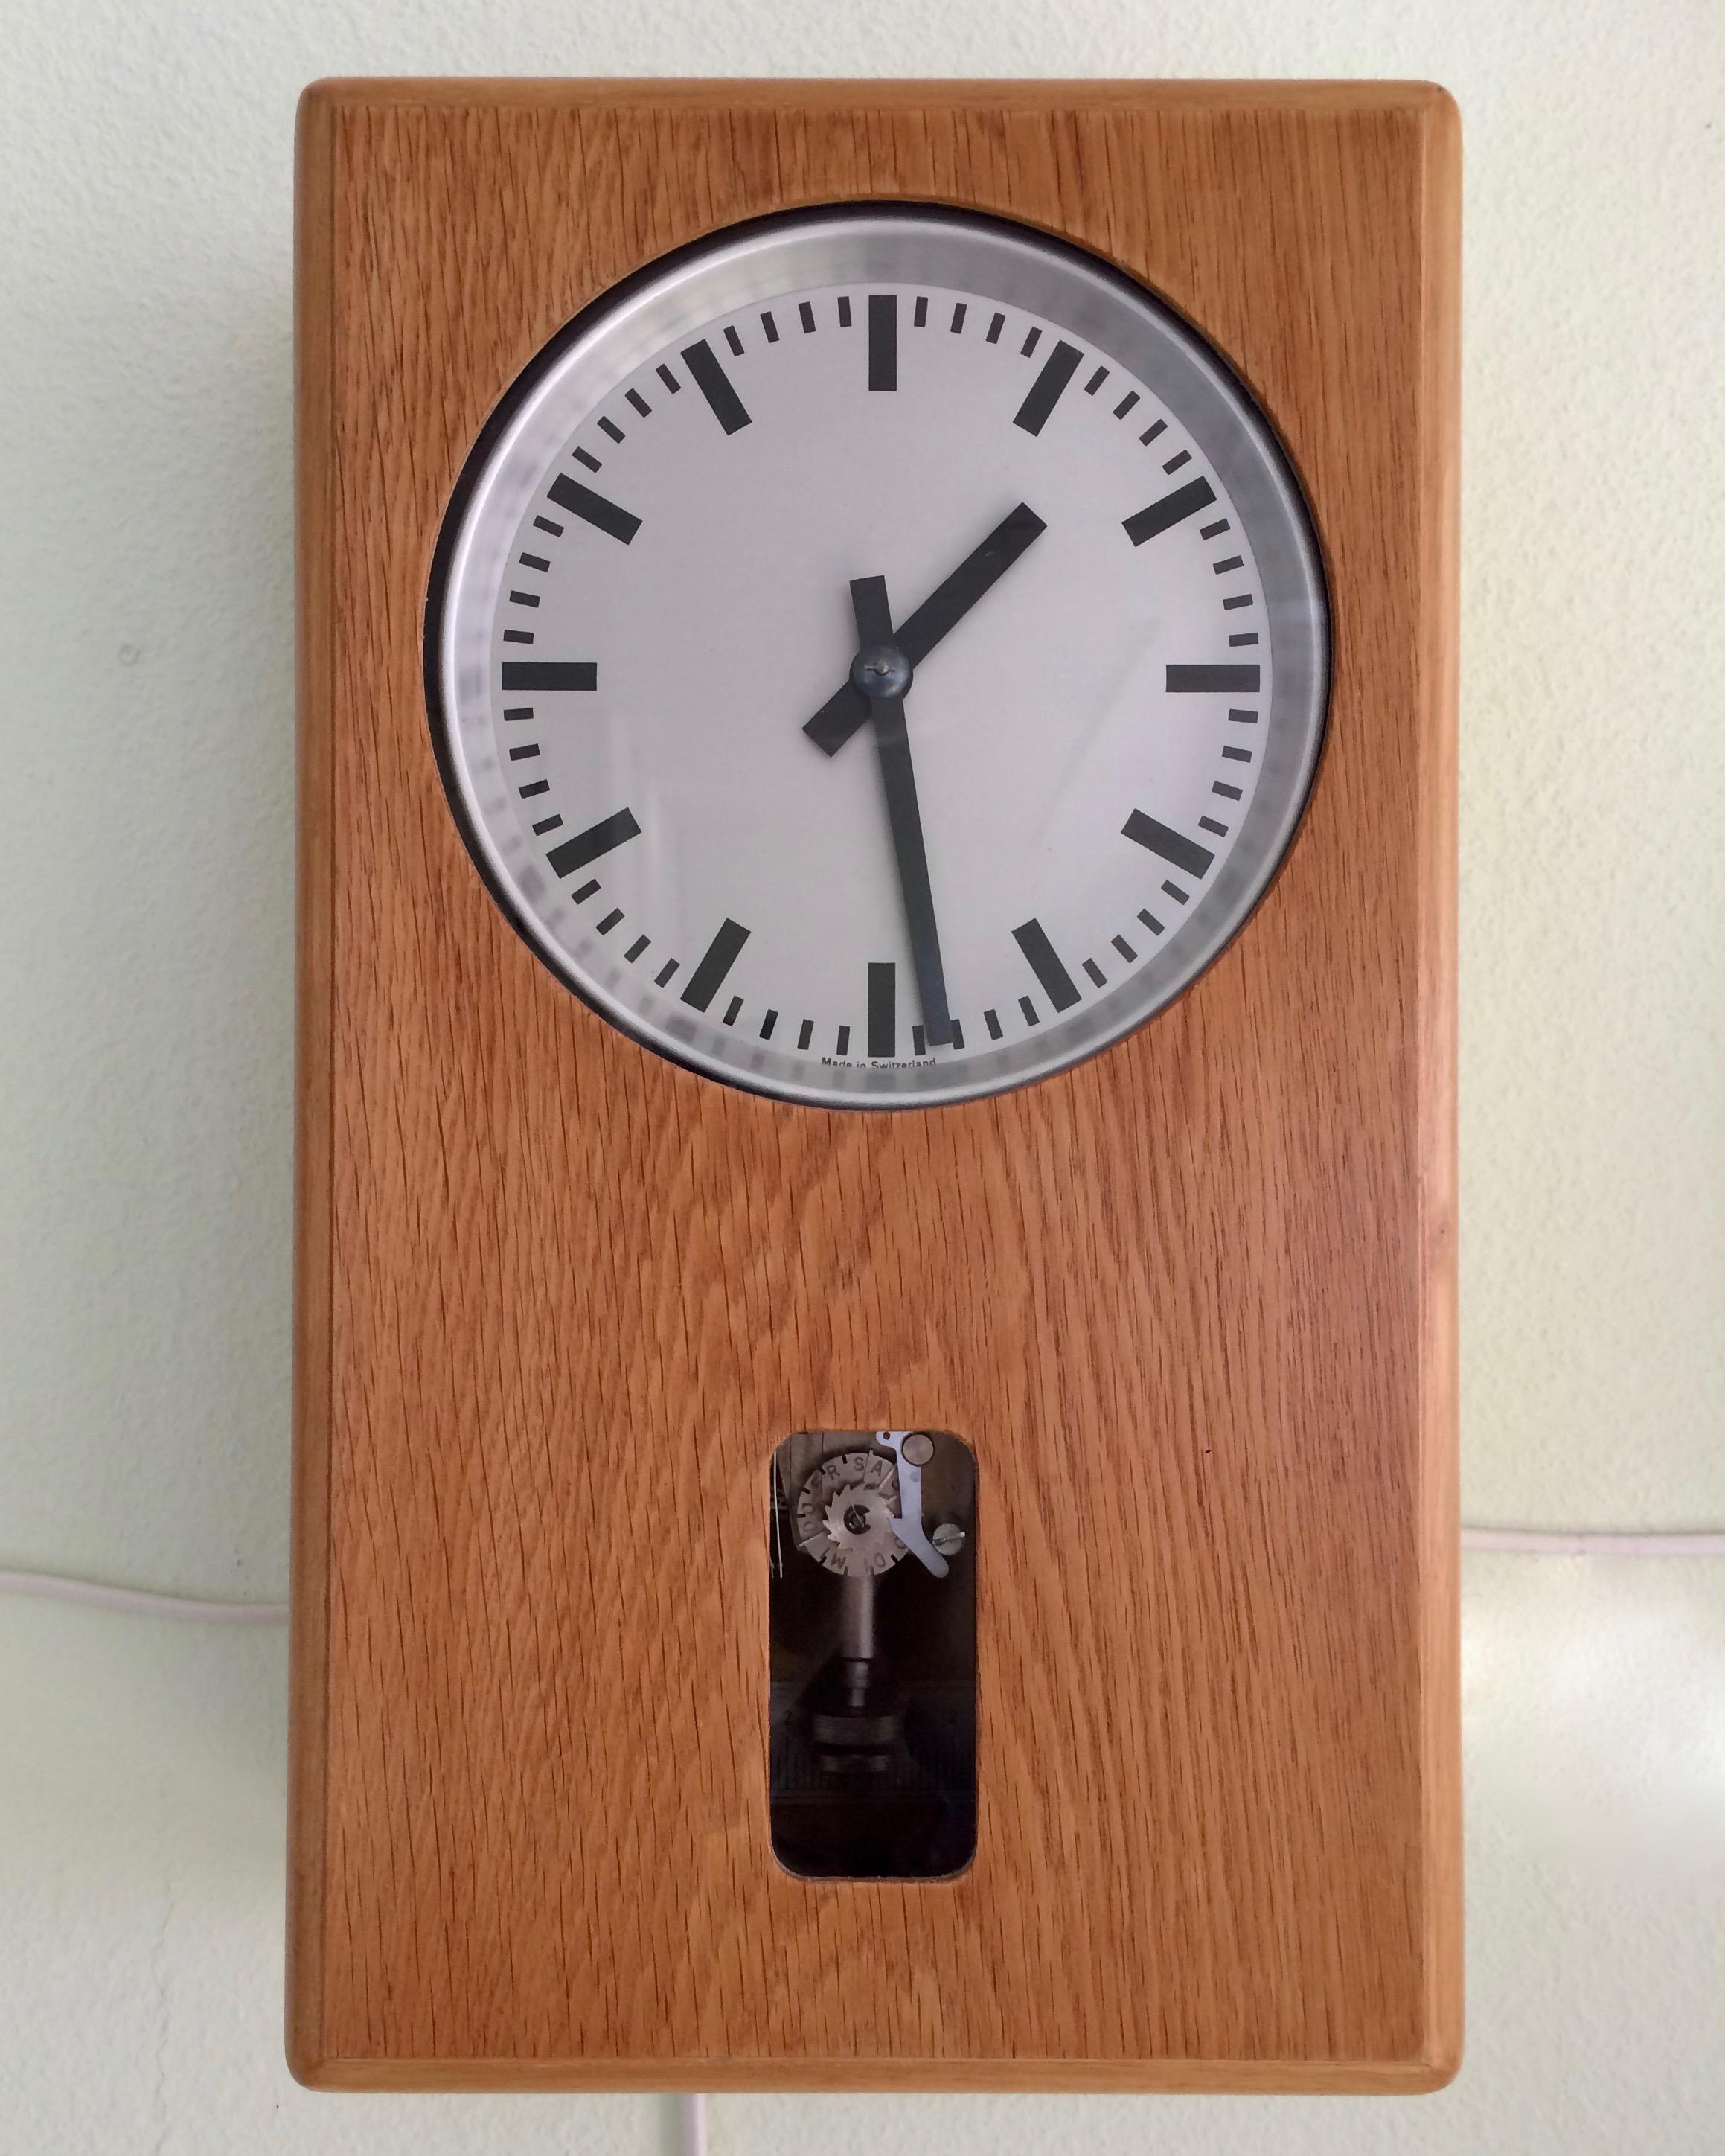 moser baer lectrique h60a la clinique horlog re service et vente de montres porrentruy. Black Bedroom Furniture Sets. Home Design Ideas